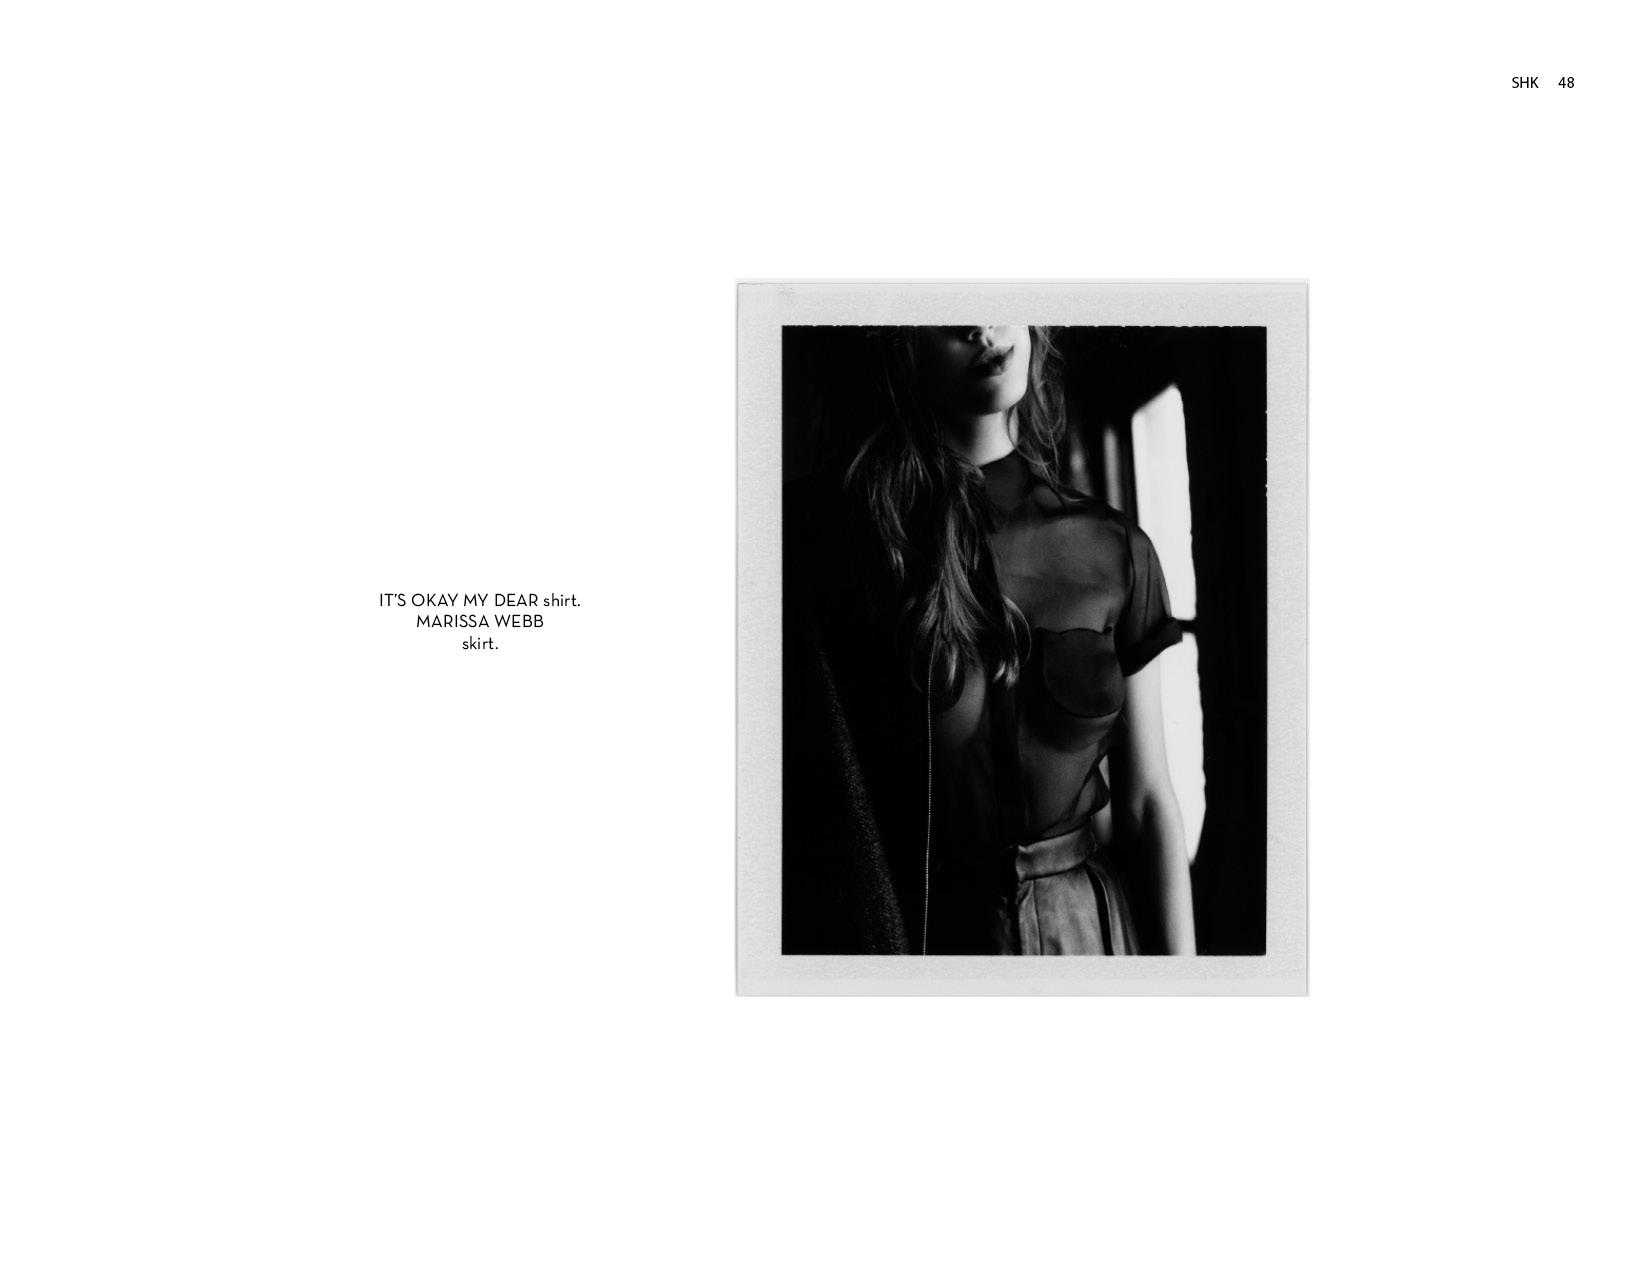 SHK-Summer-Issue-Summer-Needs-No-Explaination-201348.jpg